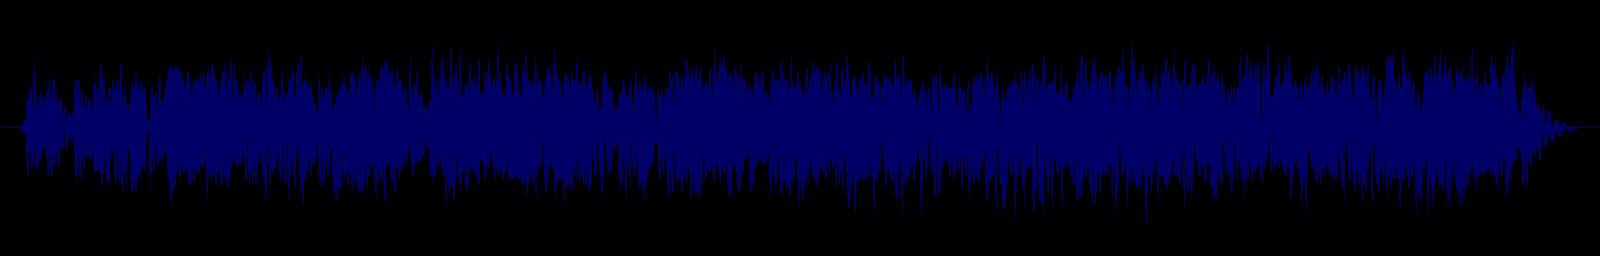 waveform of track #148643